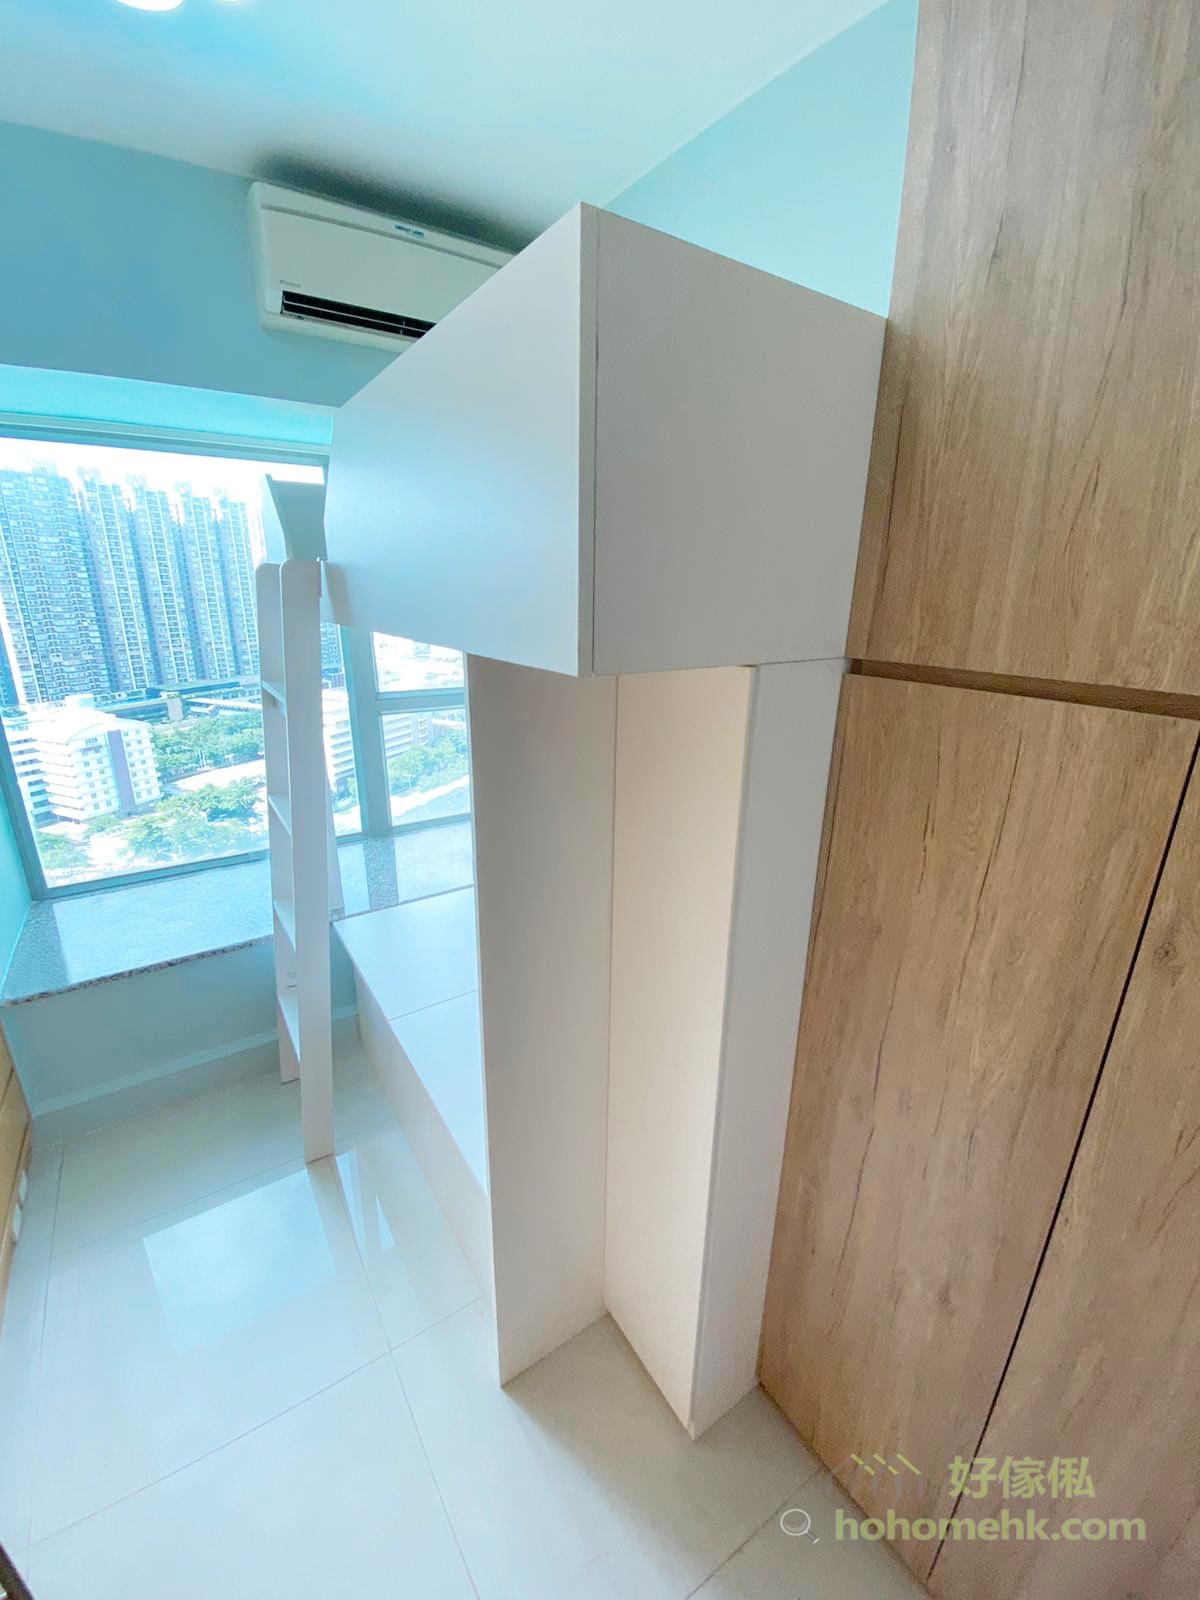 碌架床的床架要避免有過多的圍欄或檔板或儲物櫃,盡量保持上下格床的通爽,讓空氣可以自由流動,才能夠排走熱空氣